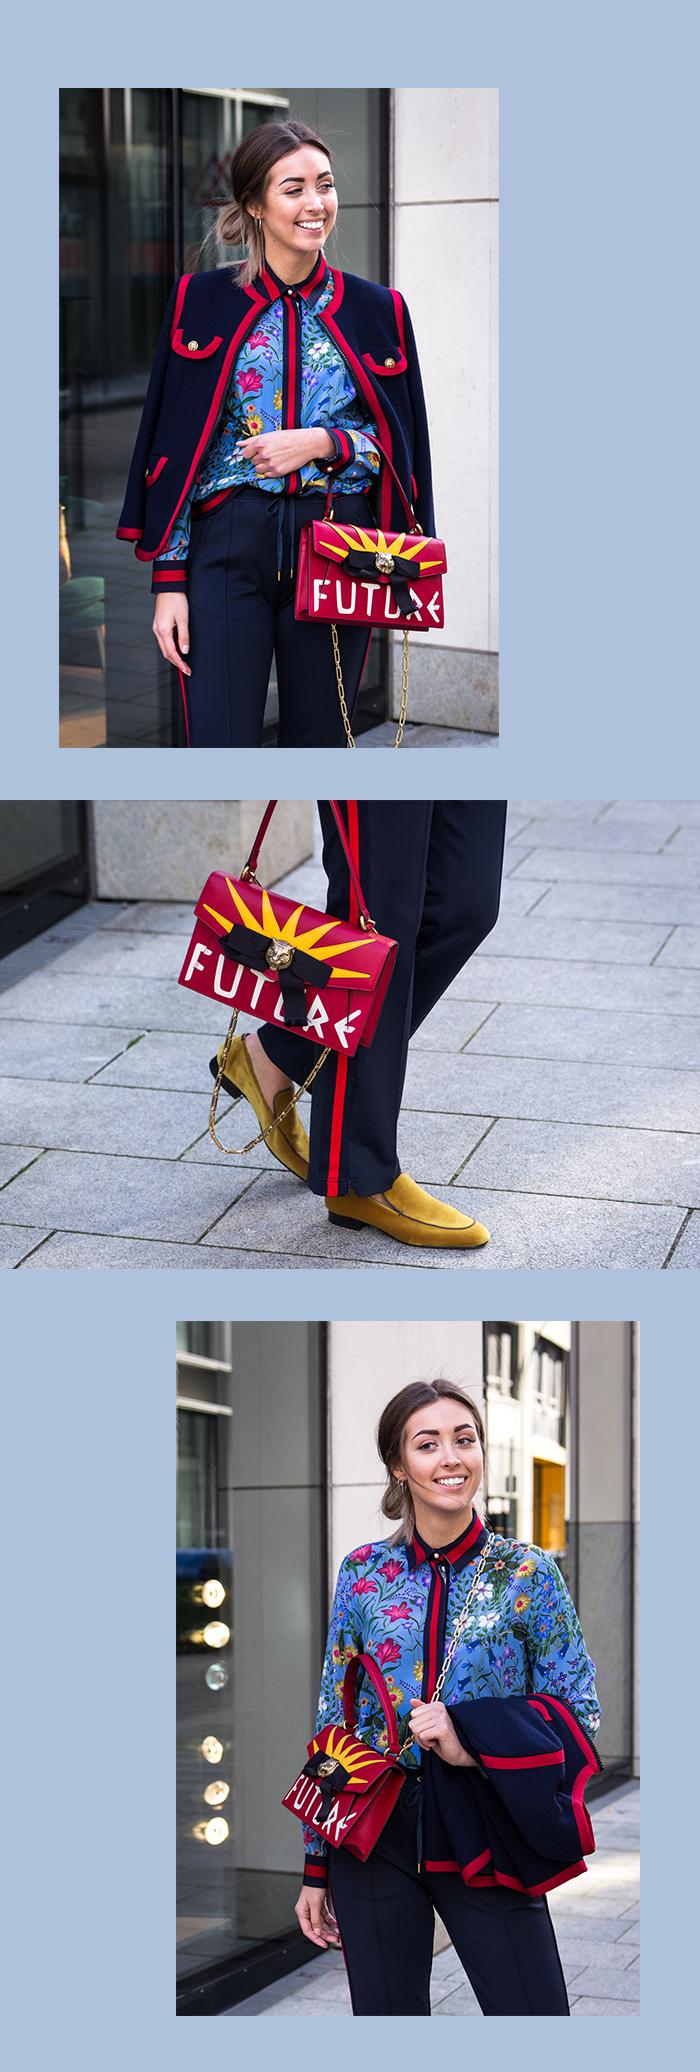 Übergangsmode: Lagen-Looks für's Frühjahr - Gucci